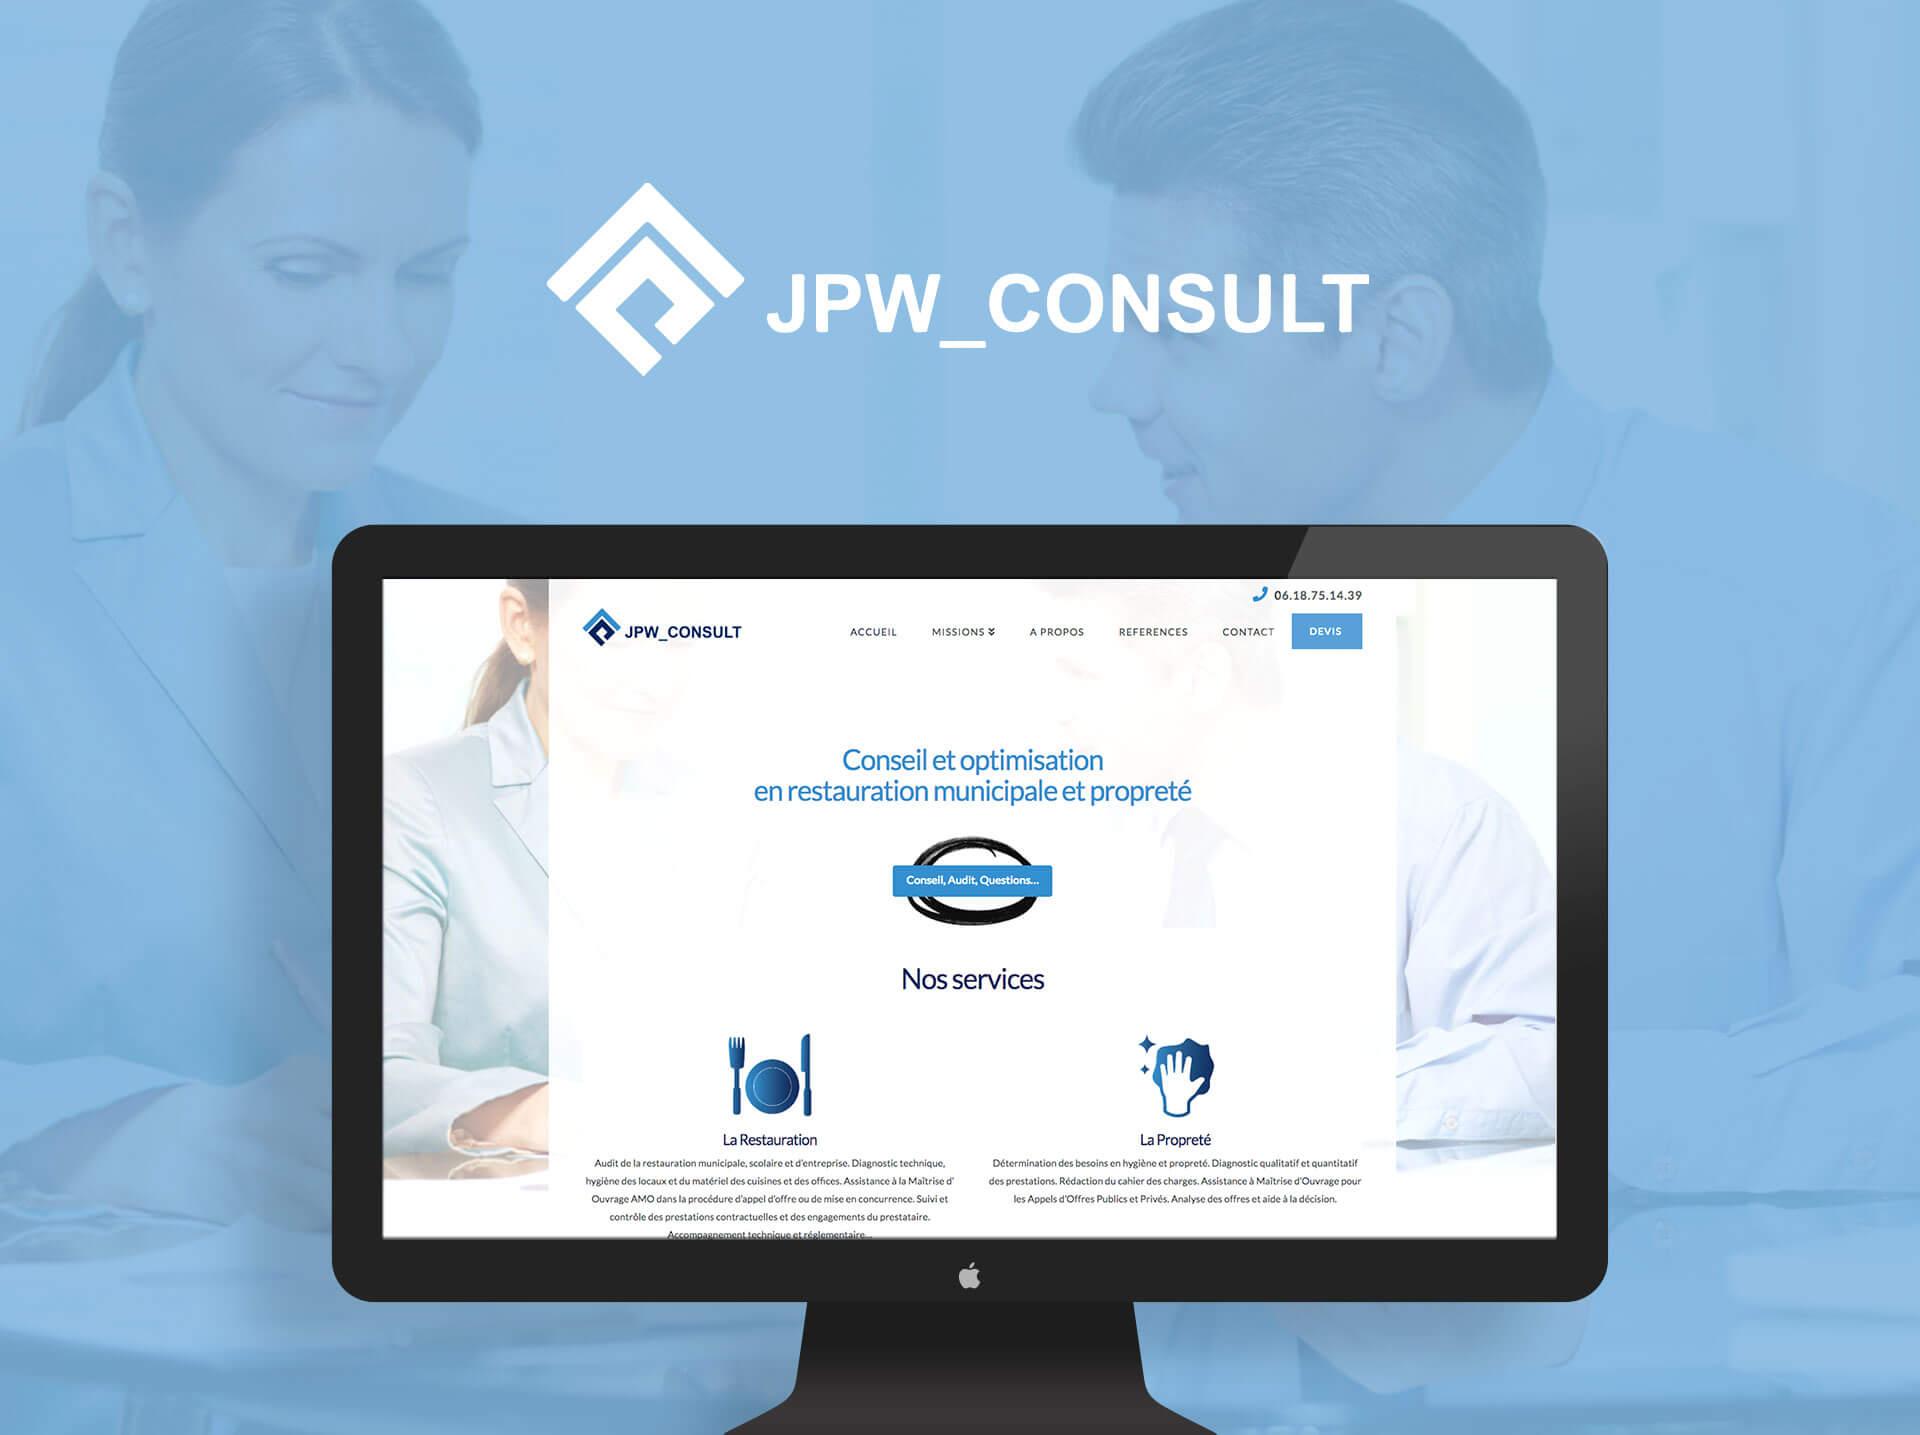 JPW Consult